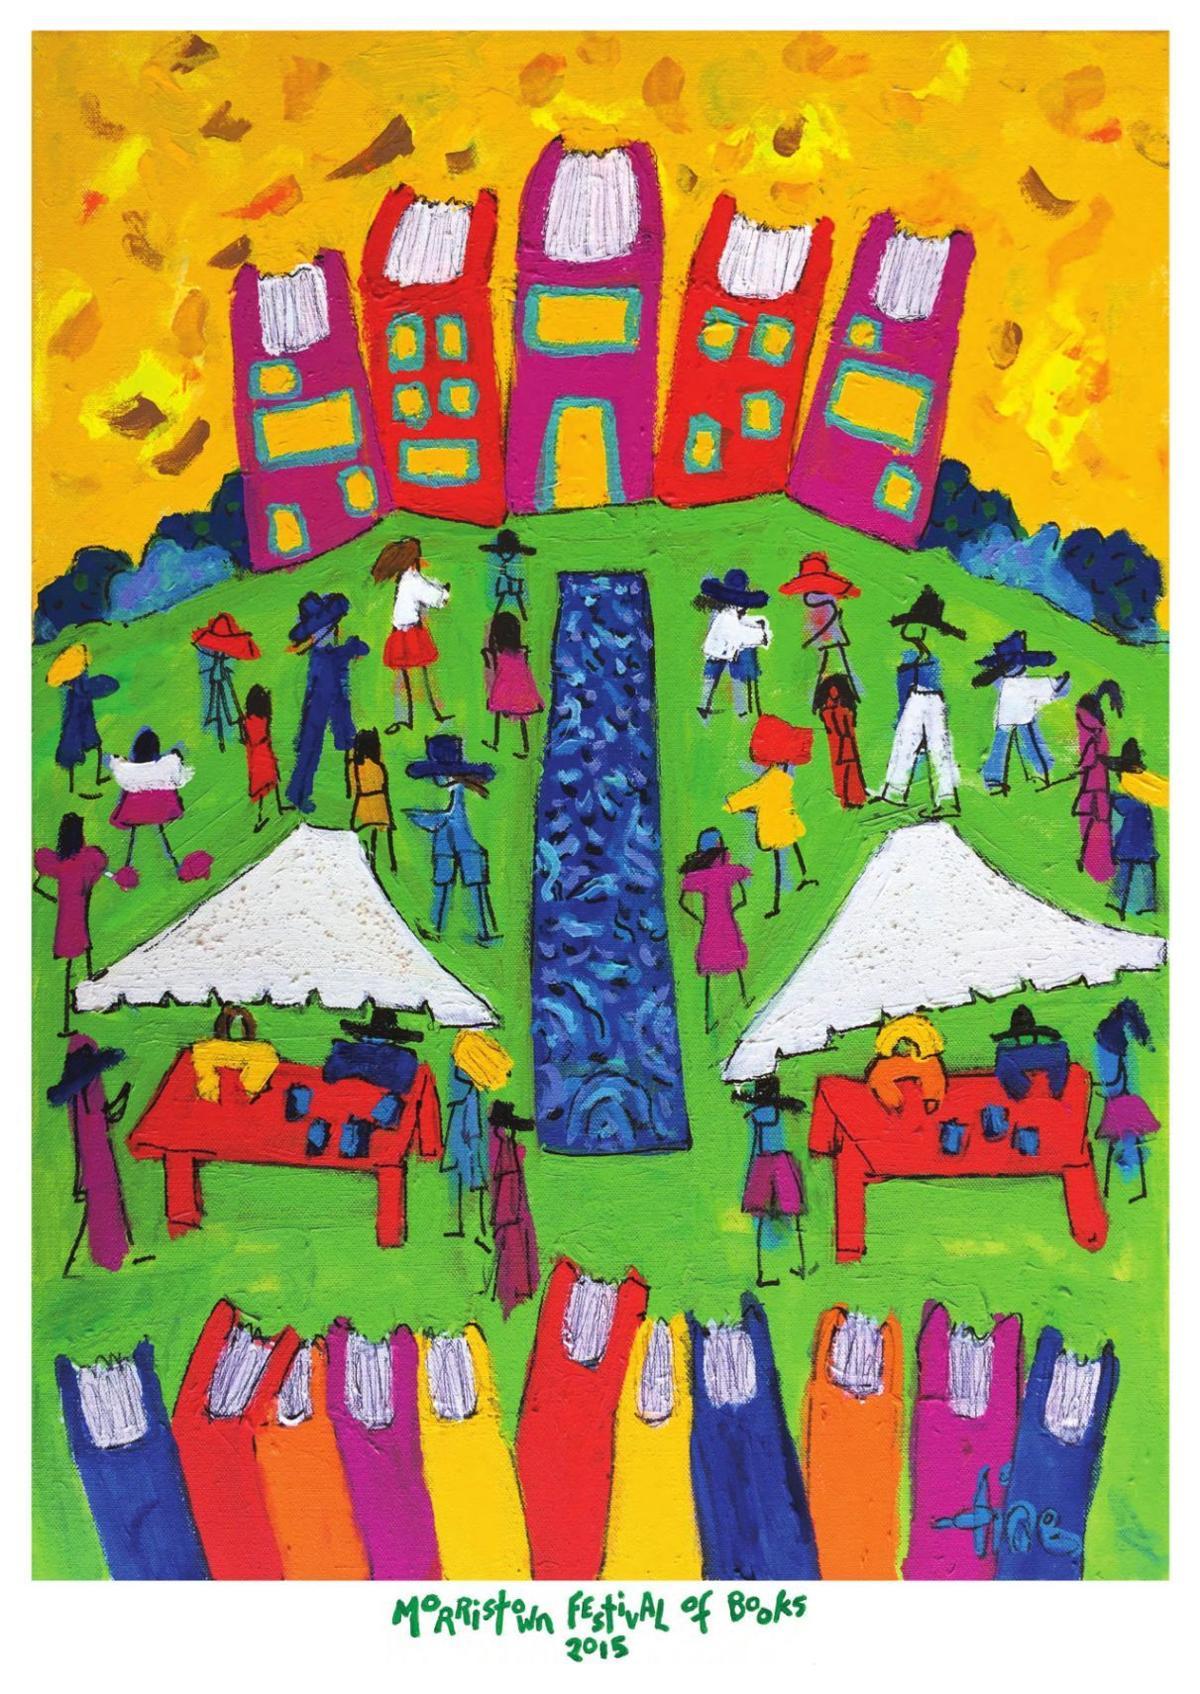 2015 Morristown Festival of Books Poster